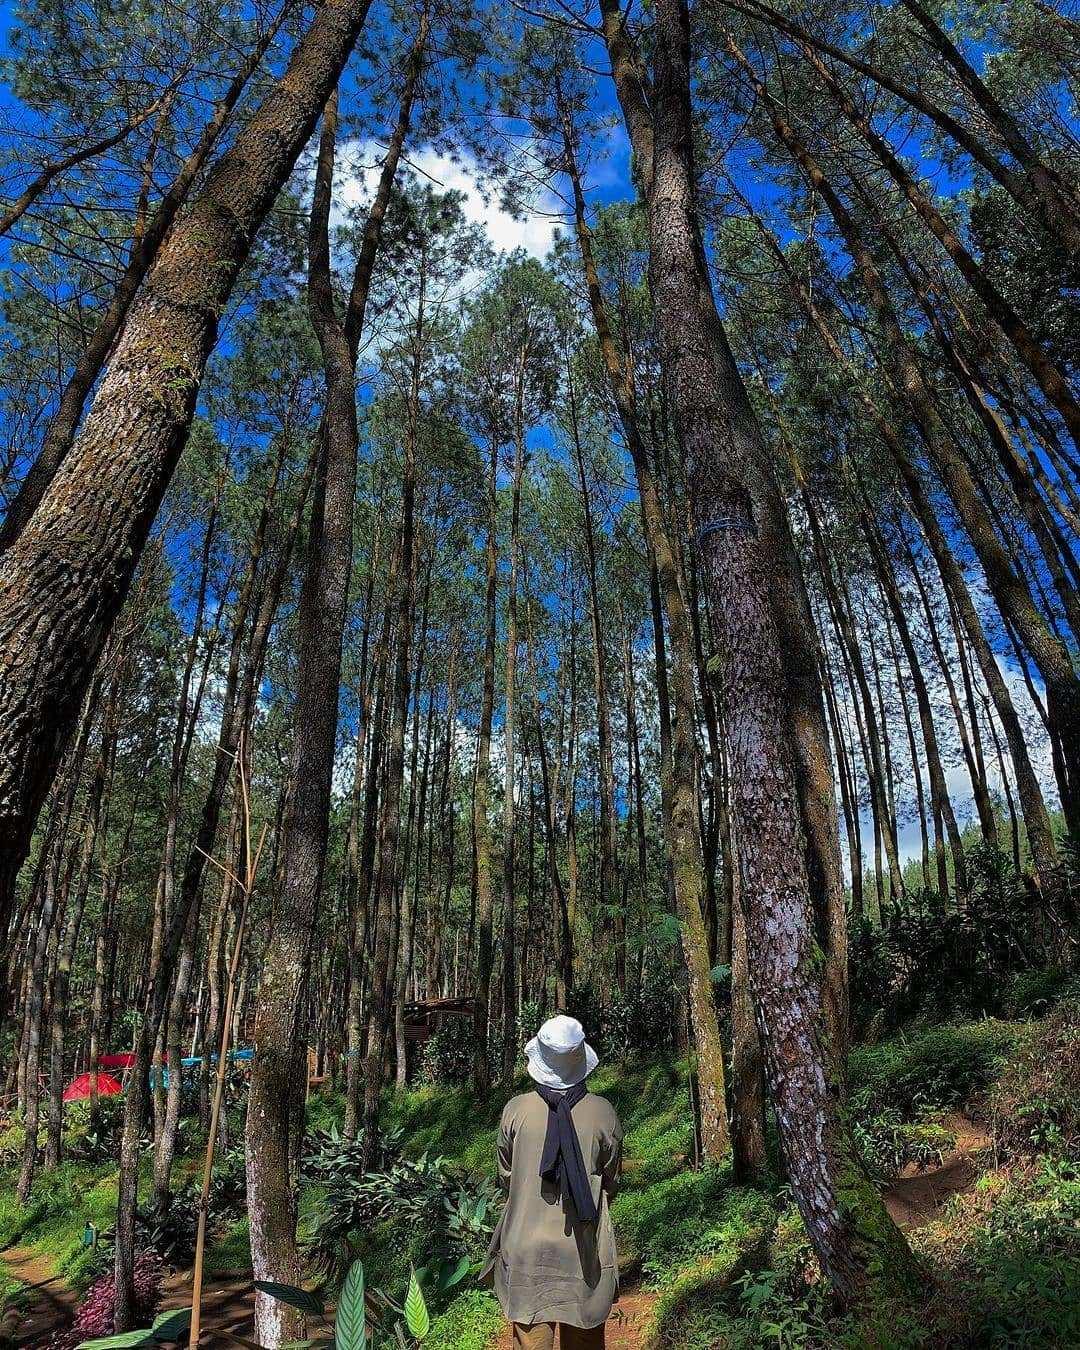 Hutan Pinus Di Kampung Singkur Bandung Image From @egiayulestarii